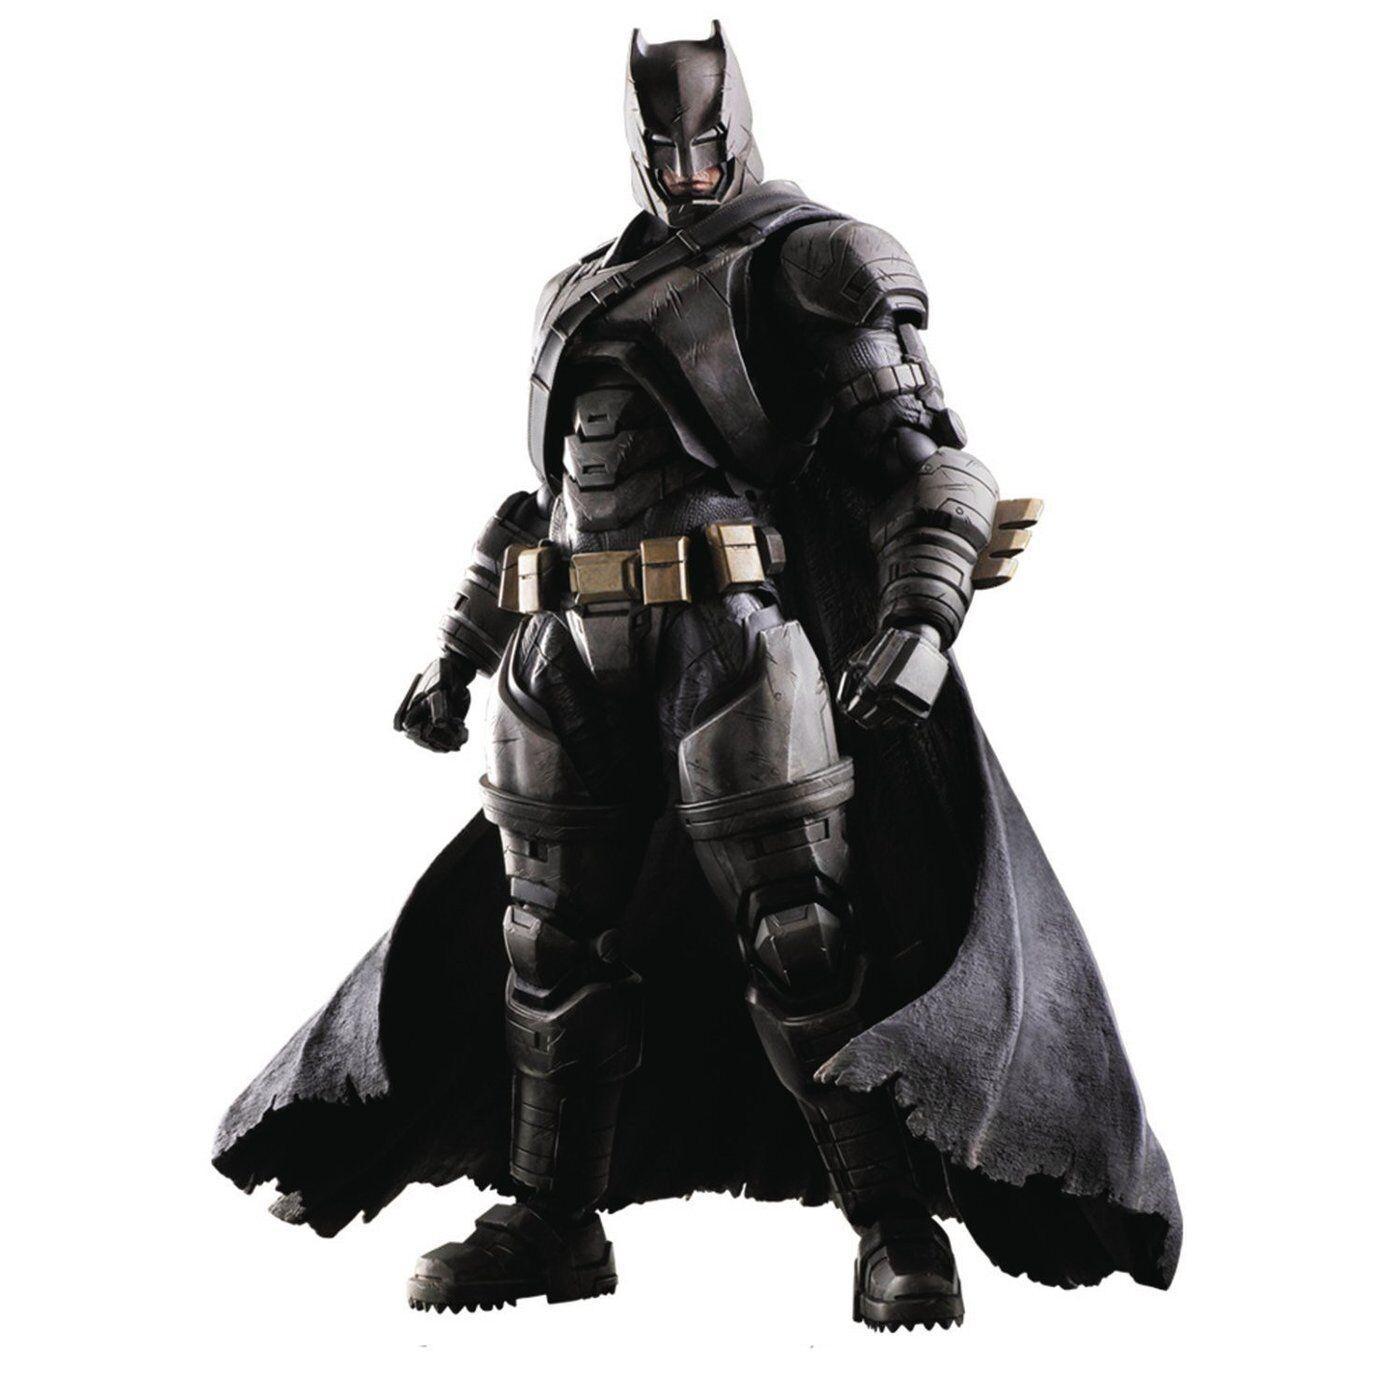 envío rápido en todo el mundo súperman-Armorojo Batman Batman V 10  Jugar Jugar Jugar Arts Kai Figura de acción (Square Enix)  selección larga